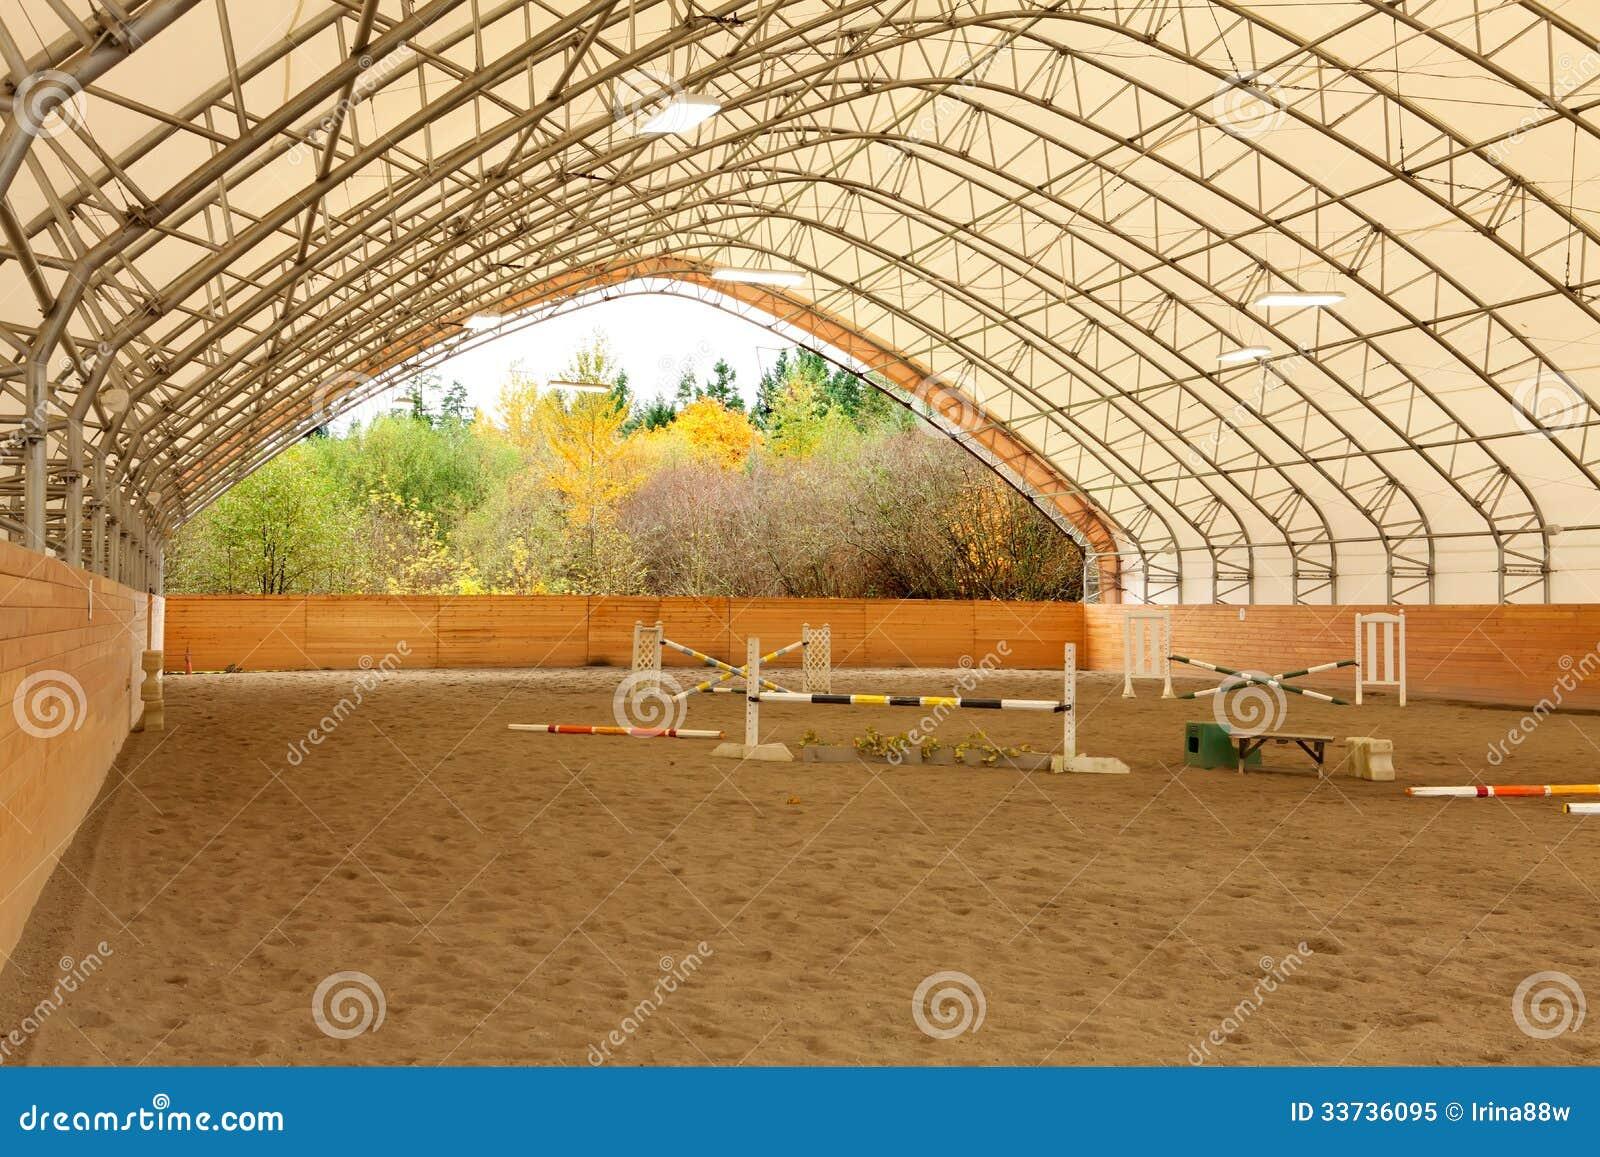 Покрытая открытая арена лошади с песком.